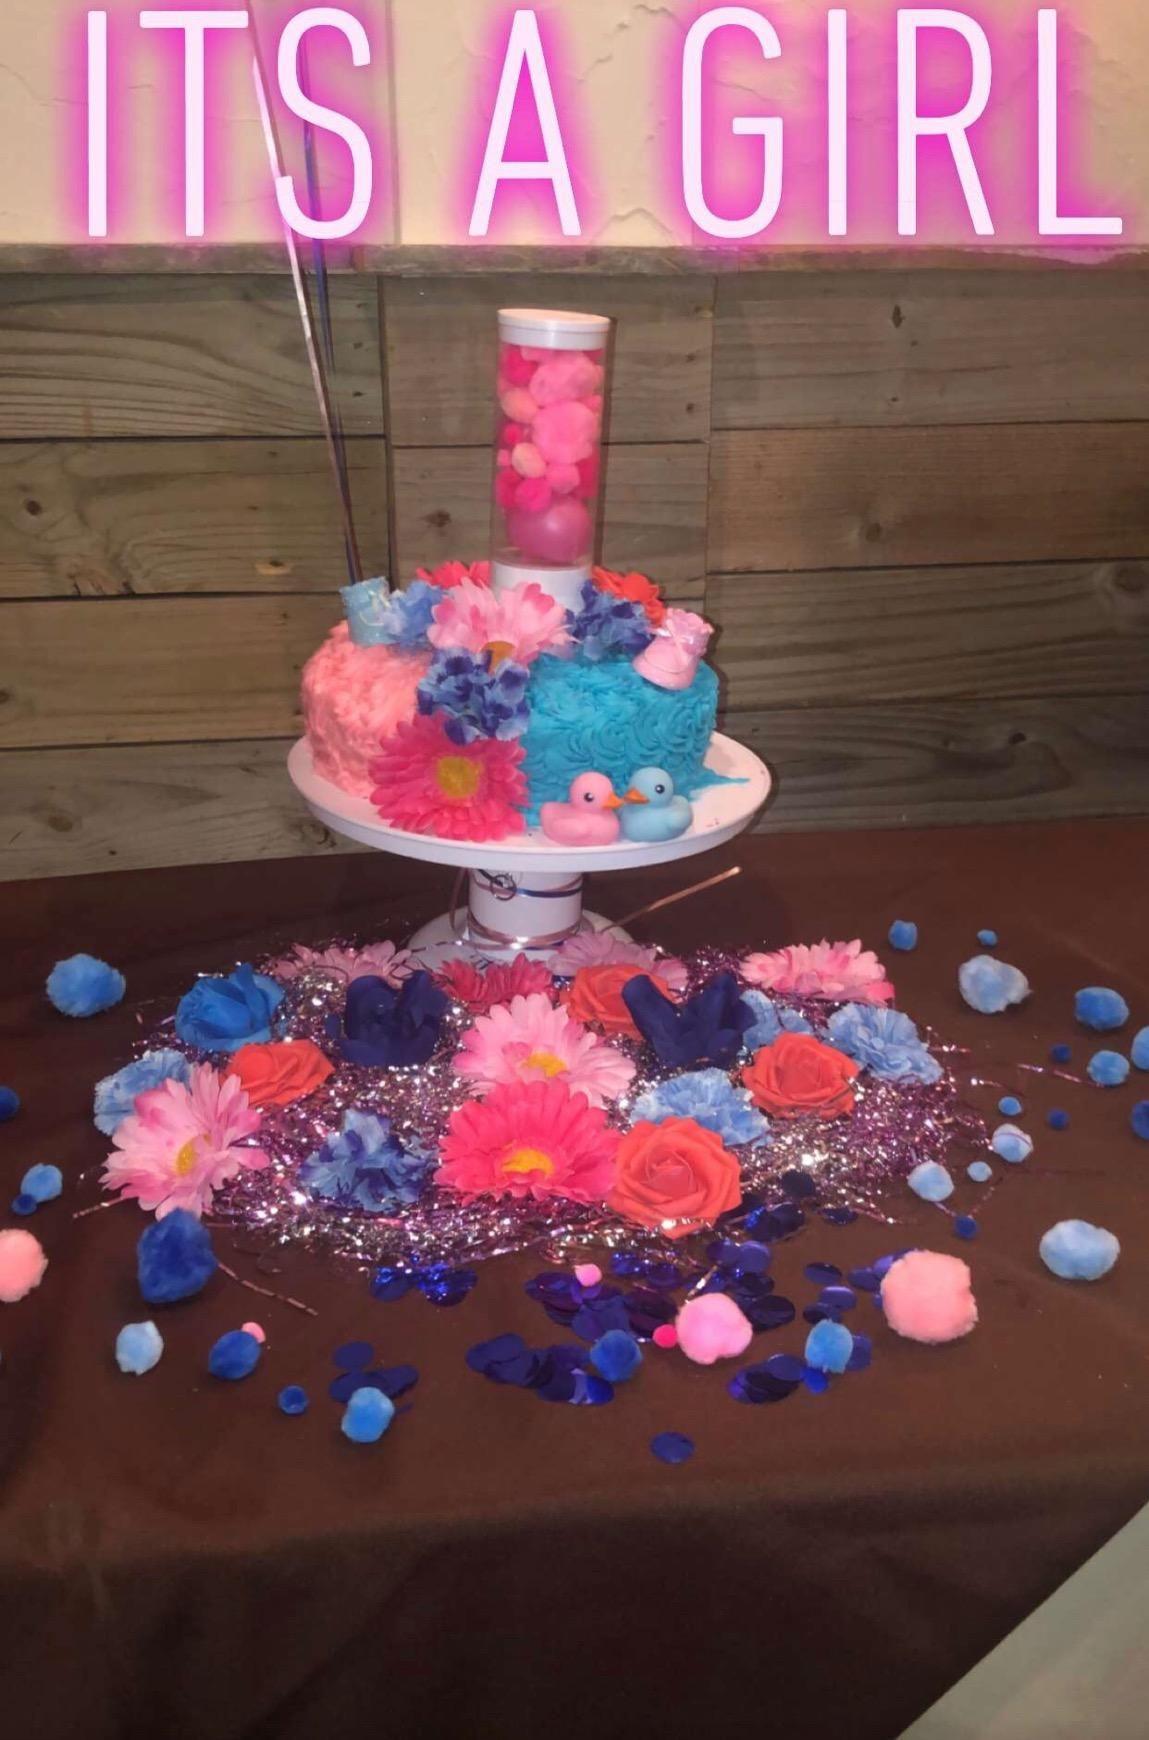 Surprise Cake Musical Popping Cake Stand fashionwolrd